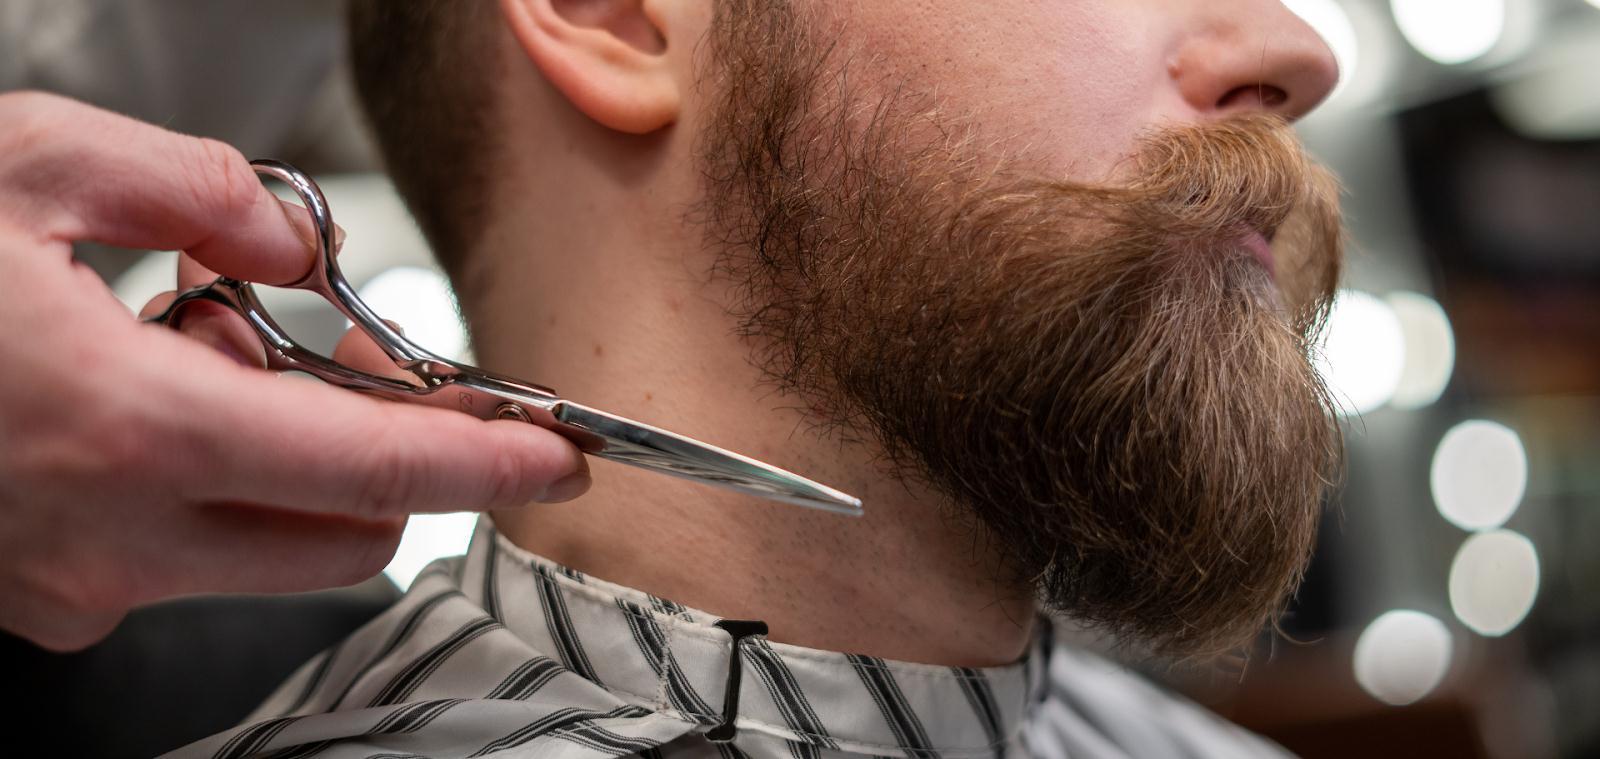 Como cuidar tu barba